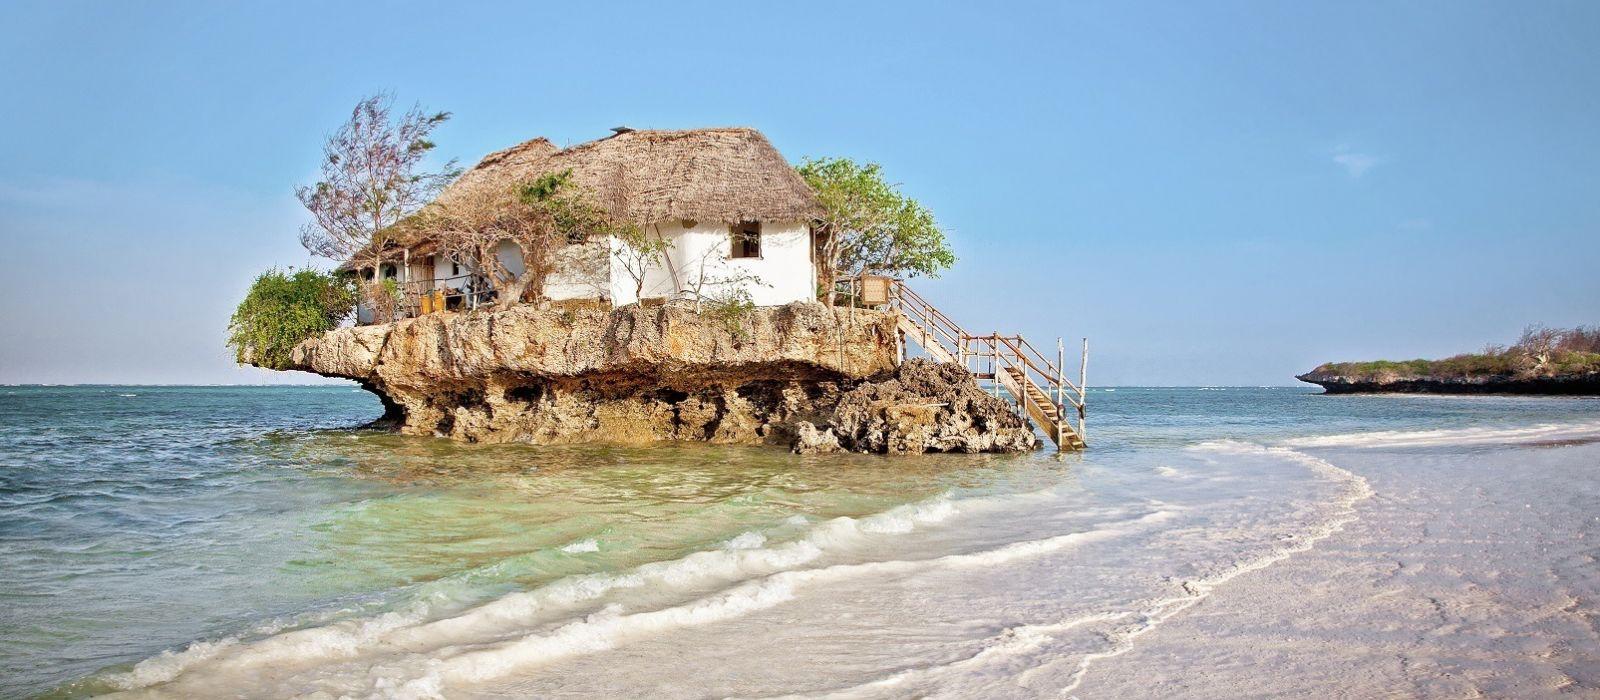 Stilvoll reisen in Tansania & Sansibar Urlaub 3